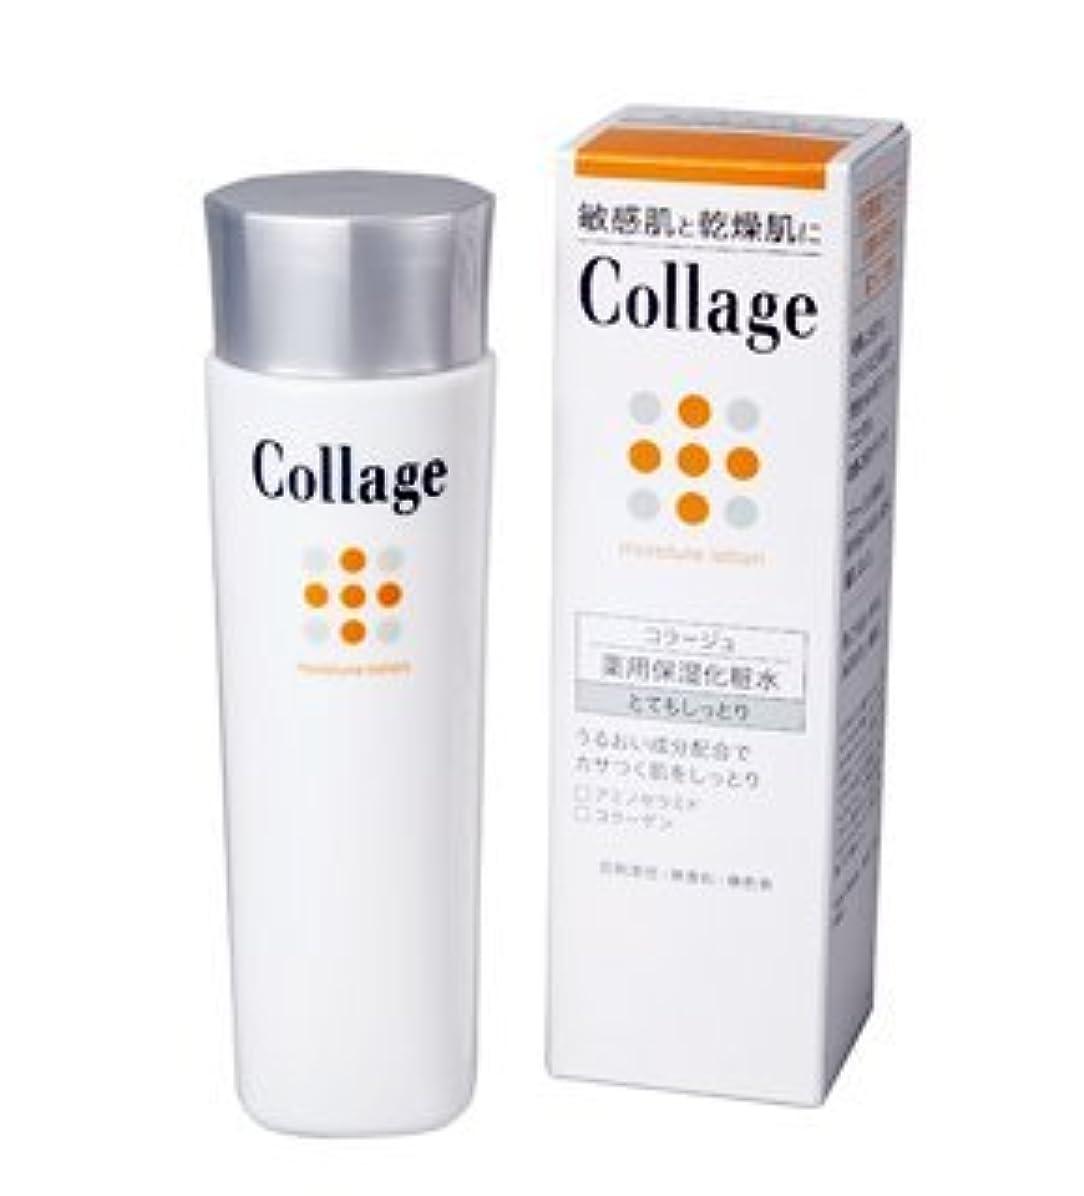 ぐったり倫理的不純【持田ヘルスケア】 コラージュ薬用保湿化粧水 とてもしっとり 120ml (医薬部外品) ×4個セット